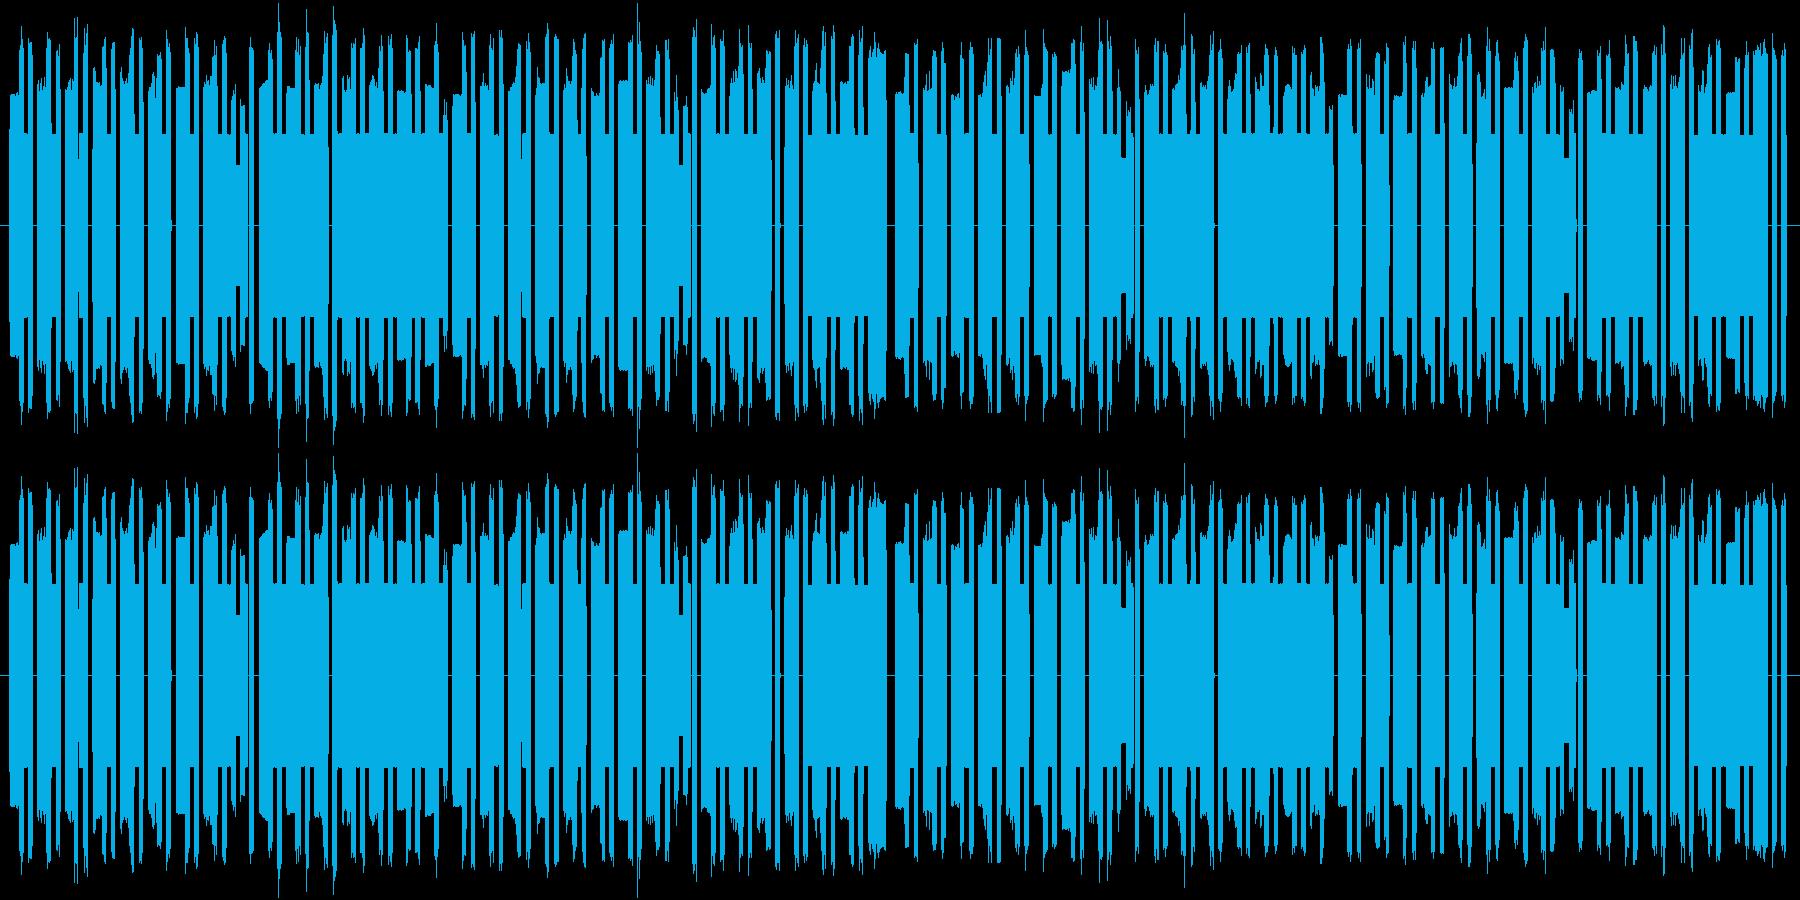 明るく優しい雰囲気の8bitワルツの再生済みの波形